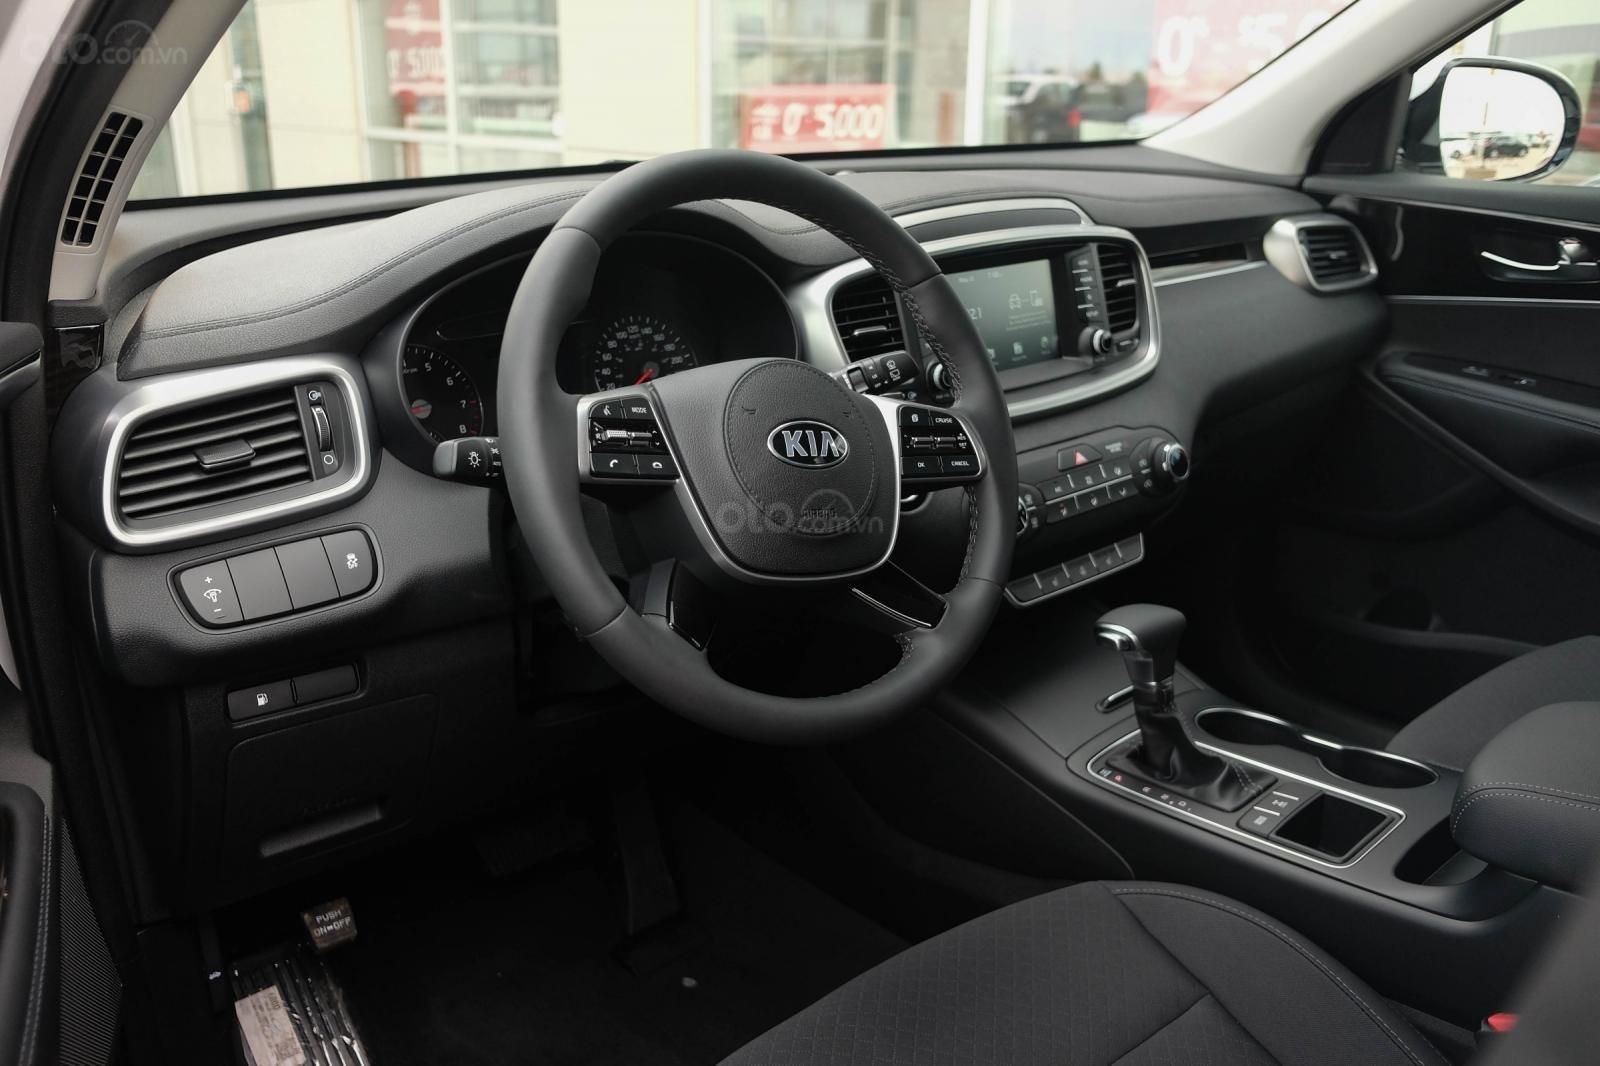 Đánh giá xe Kia Sorento 2019 về bảng táp lô - Trang bị đầy đủ, cao cấp